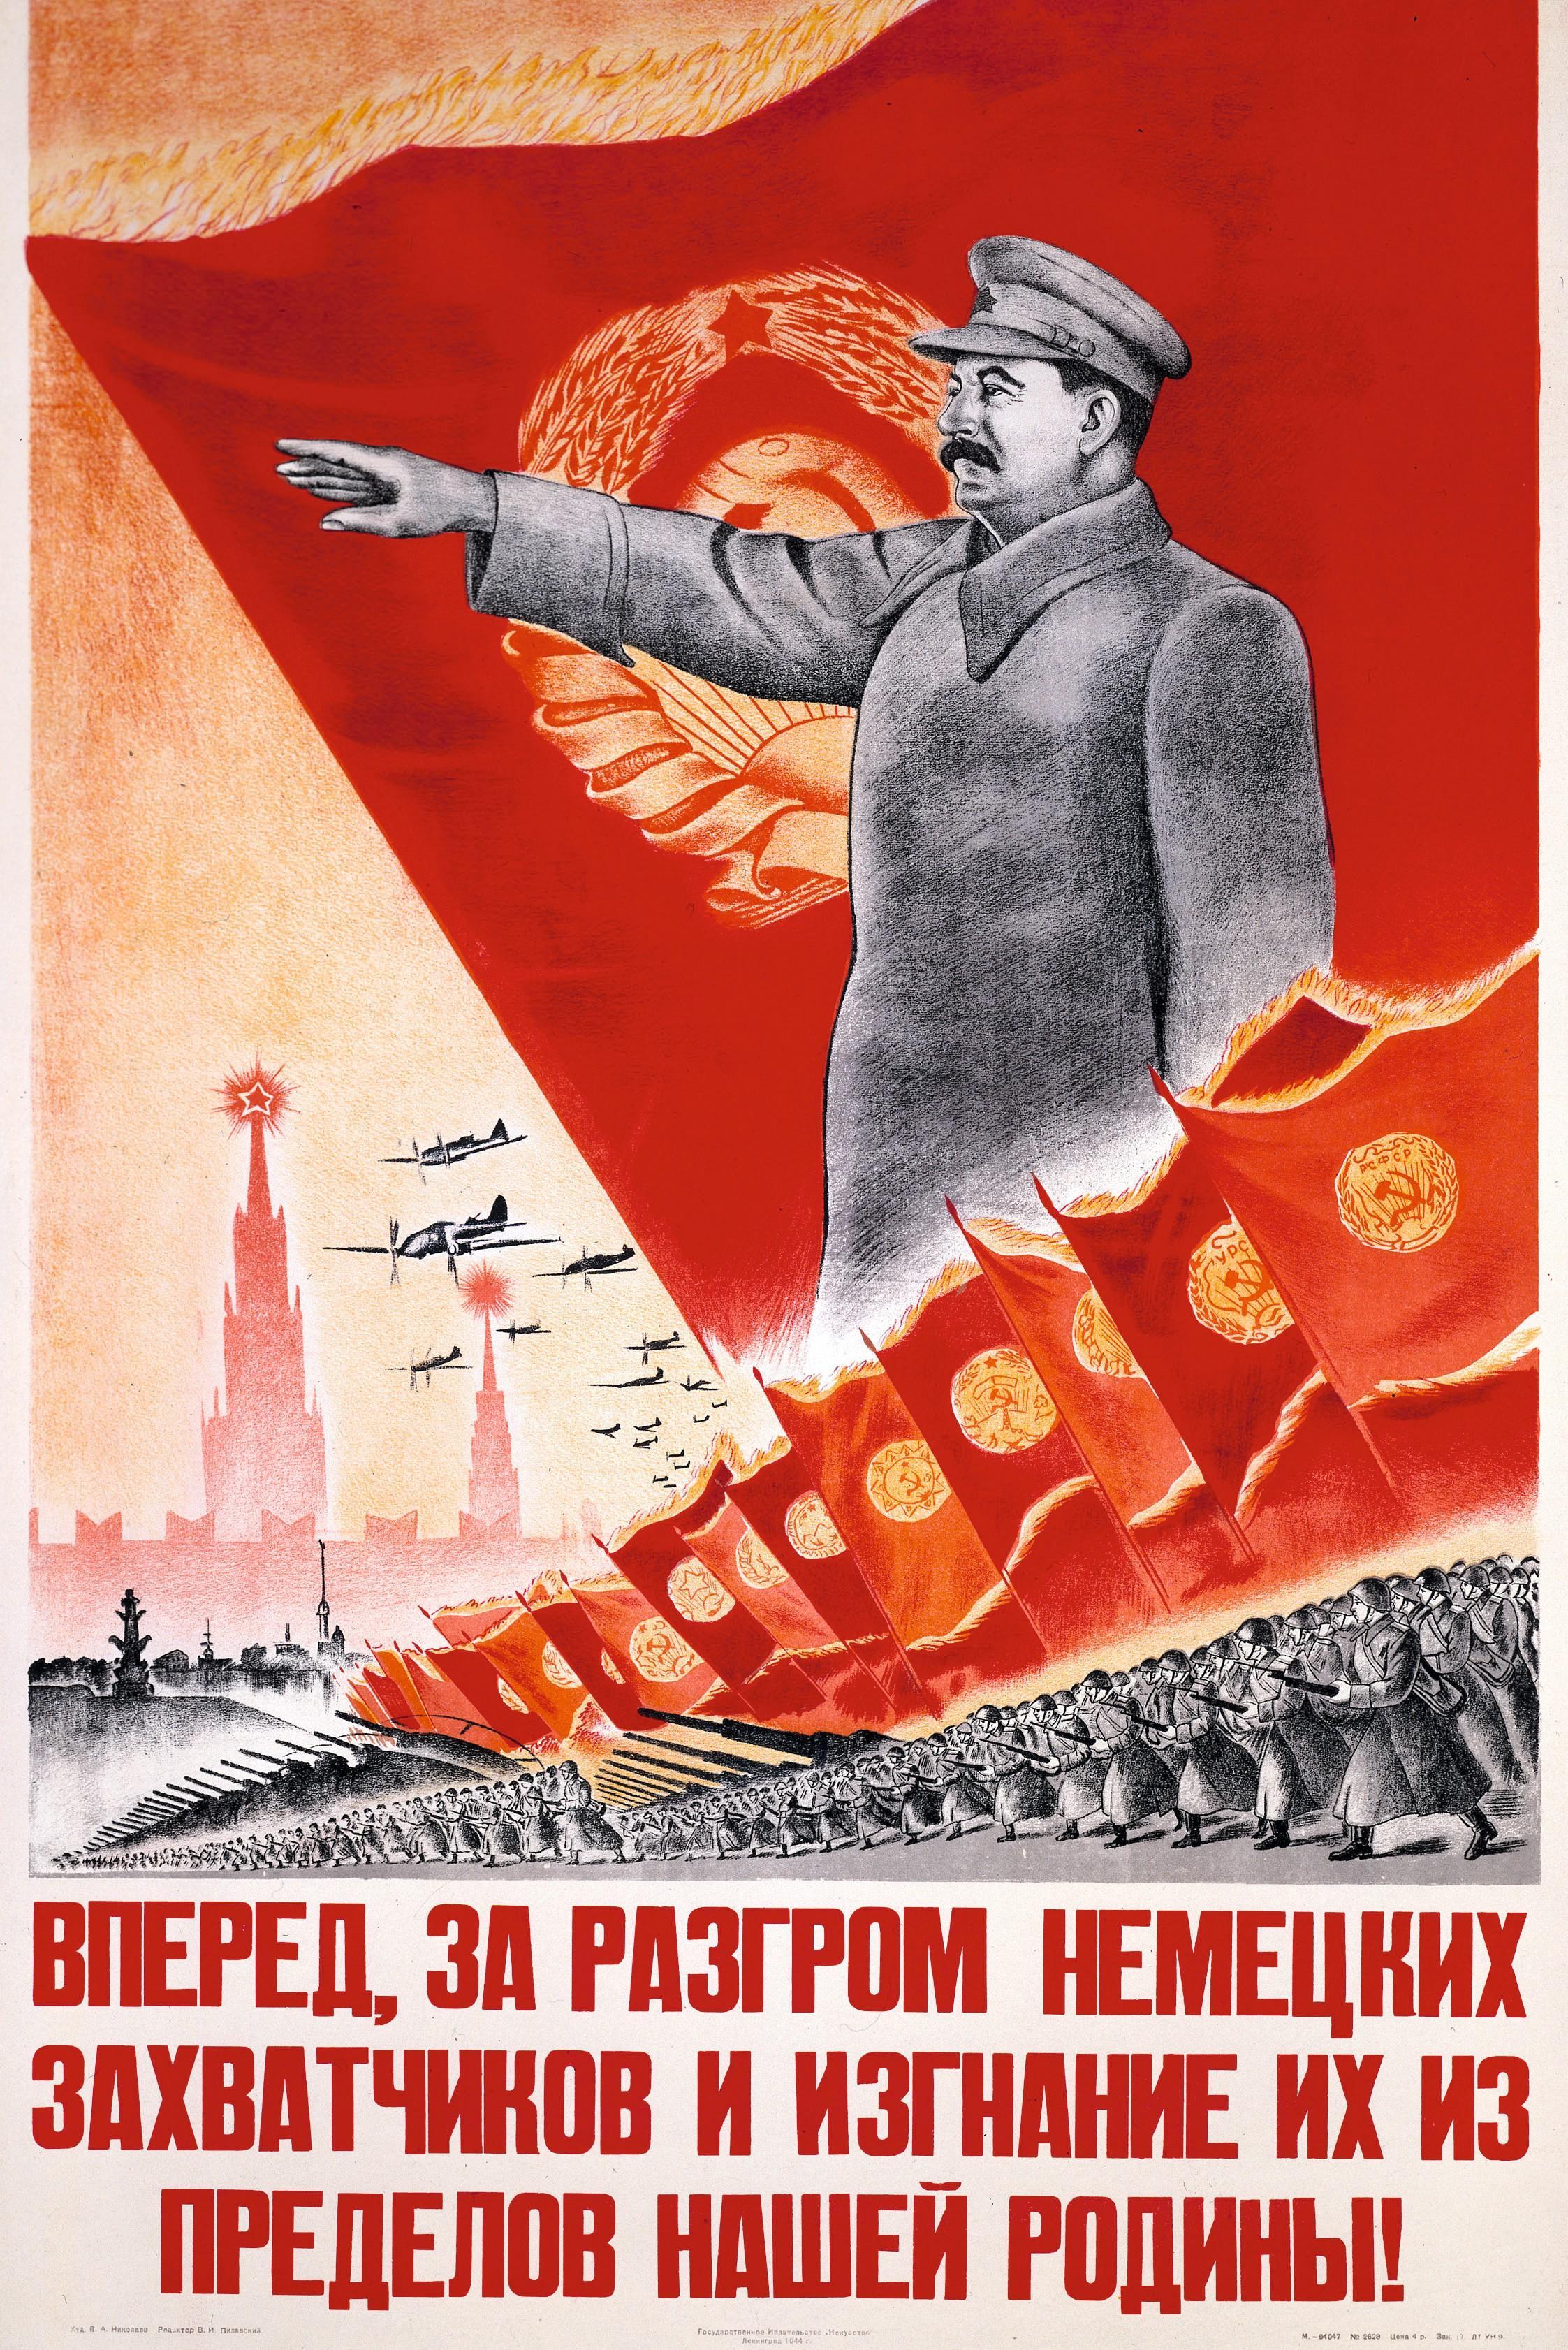 Staline dirigeant l'Armée rouge - V. A. Nikolaïev, 1944, affiche